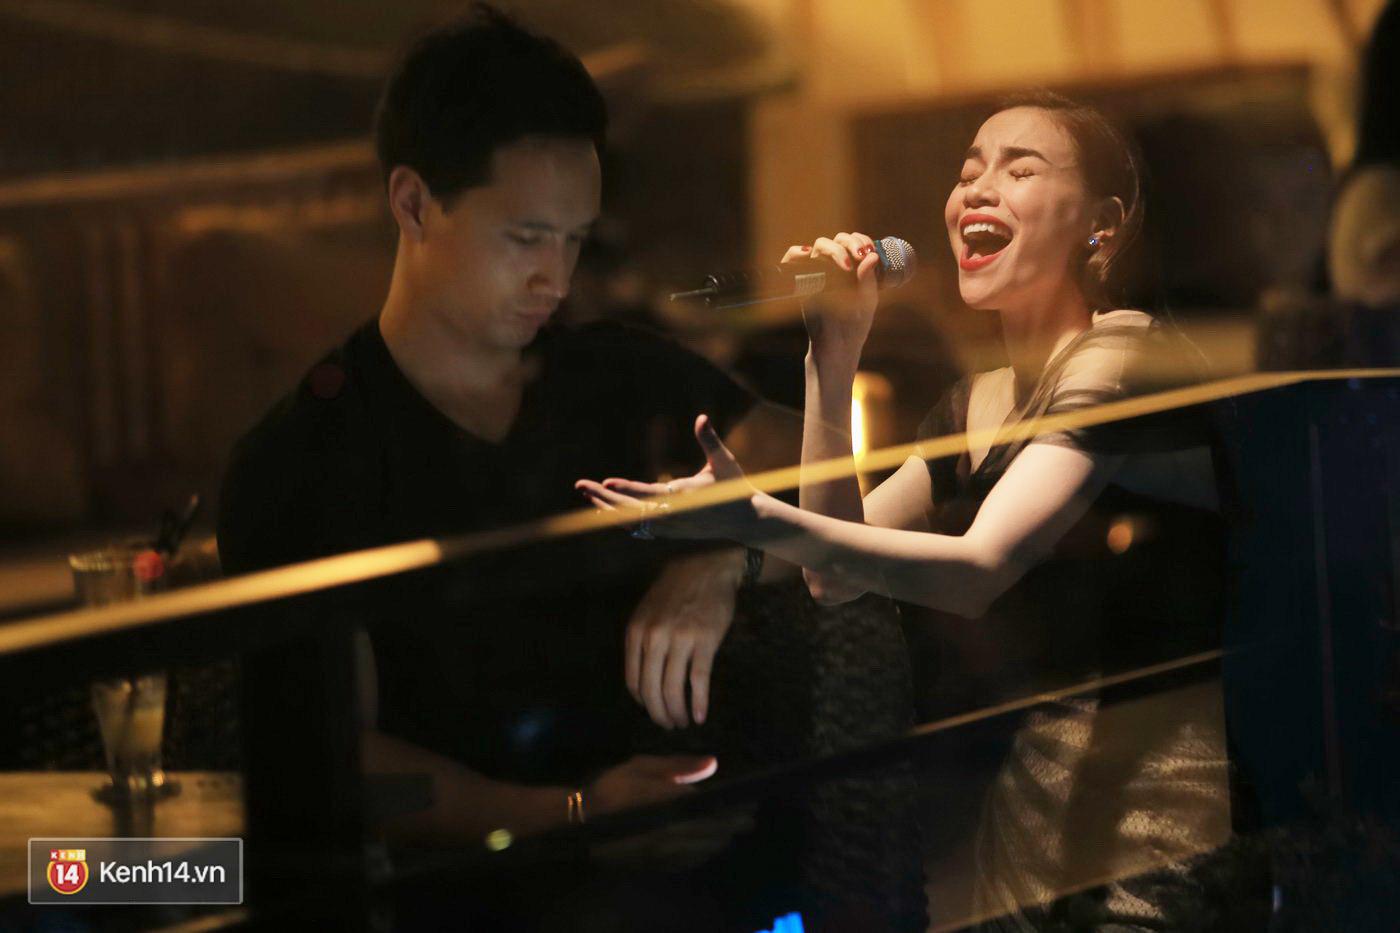 Kim Lý theo Hồ Ngọc Hà ra Hà Nội tổ chức mini show, ngồi một góc ở phòng trà ủng hộ bạn gái - Ảnh 5.